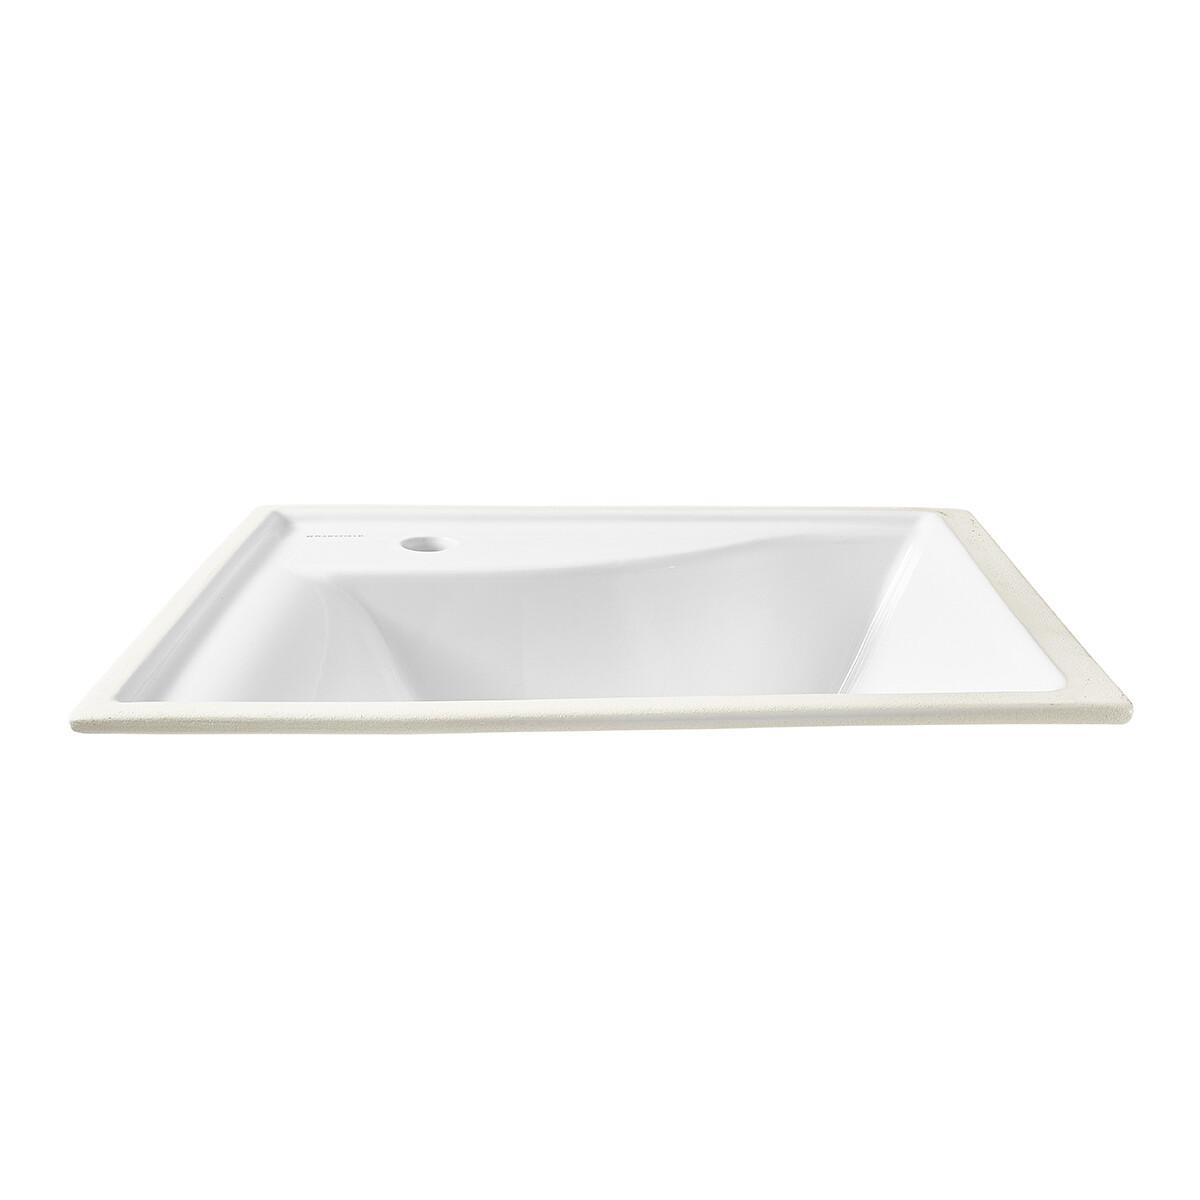 Aramis White Under Counter Single Hole Lavatory